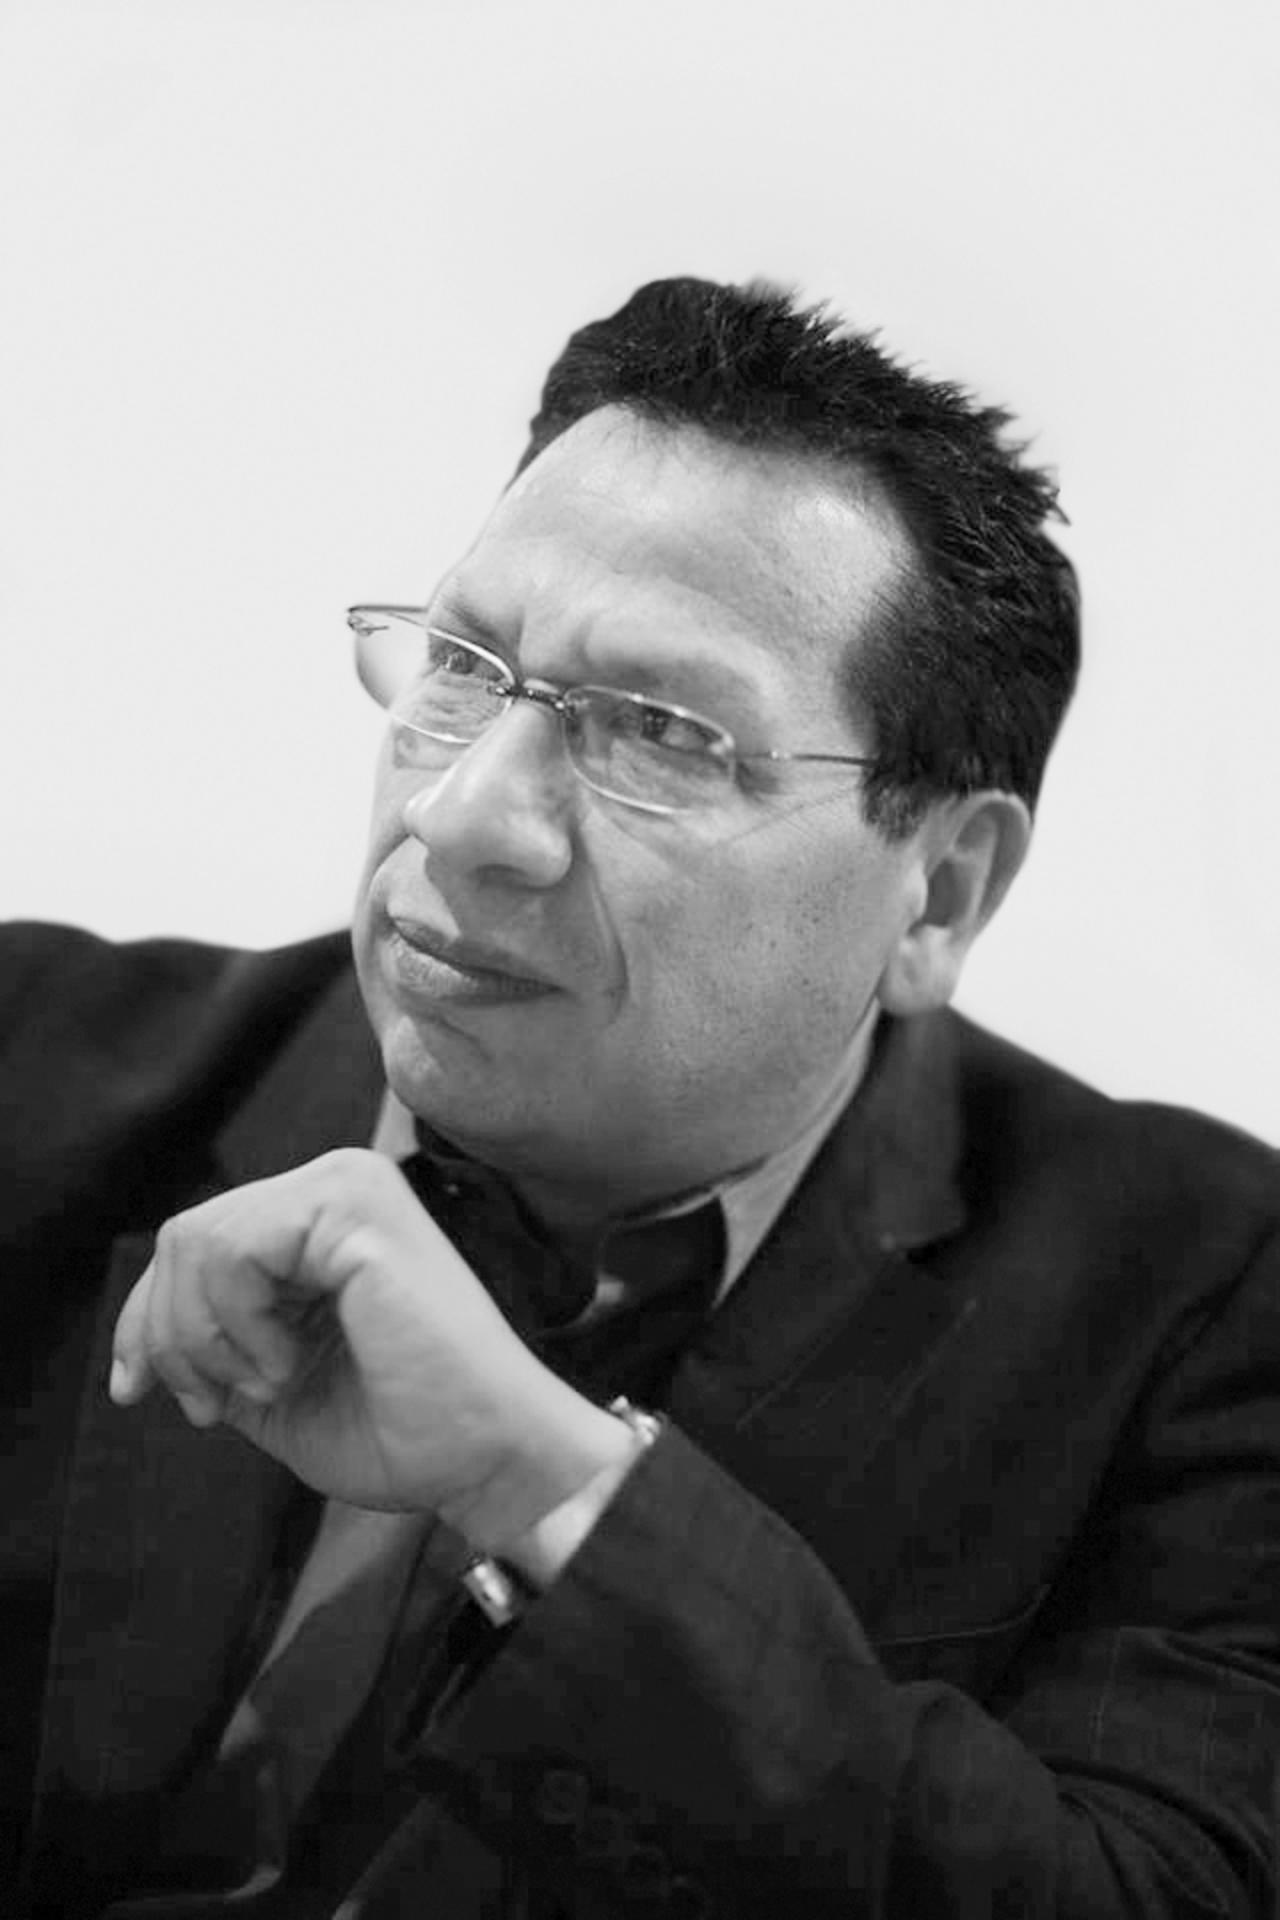 Y Esteban Villegas Villarreal encabeza las preferencias dentro del PRI